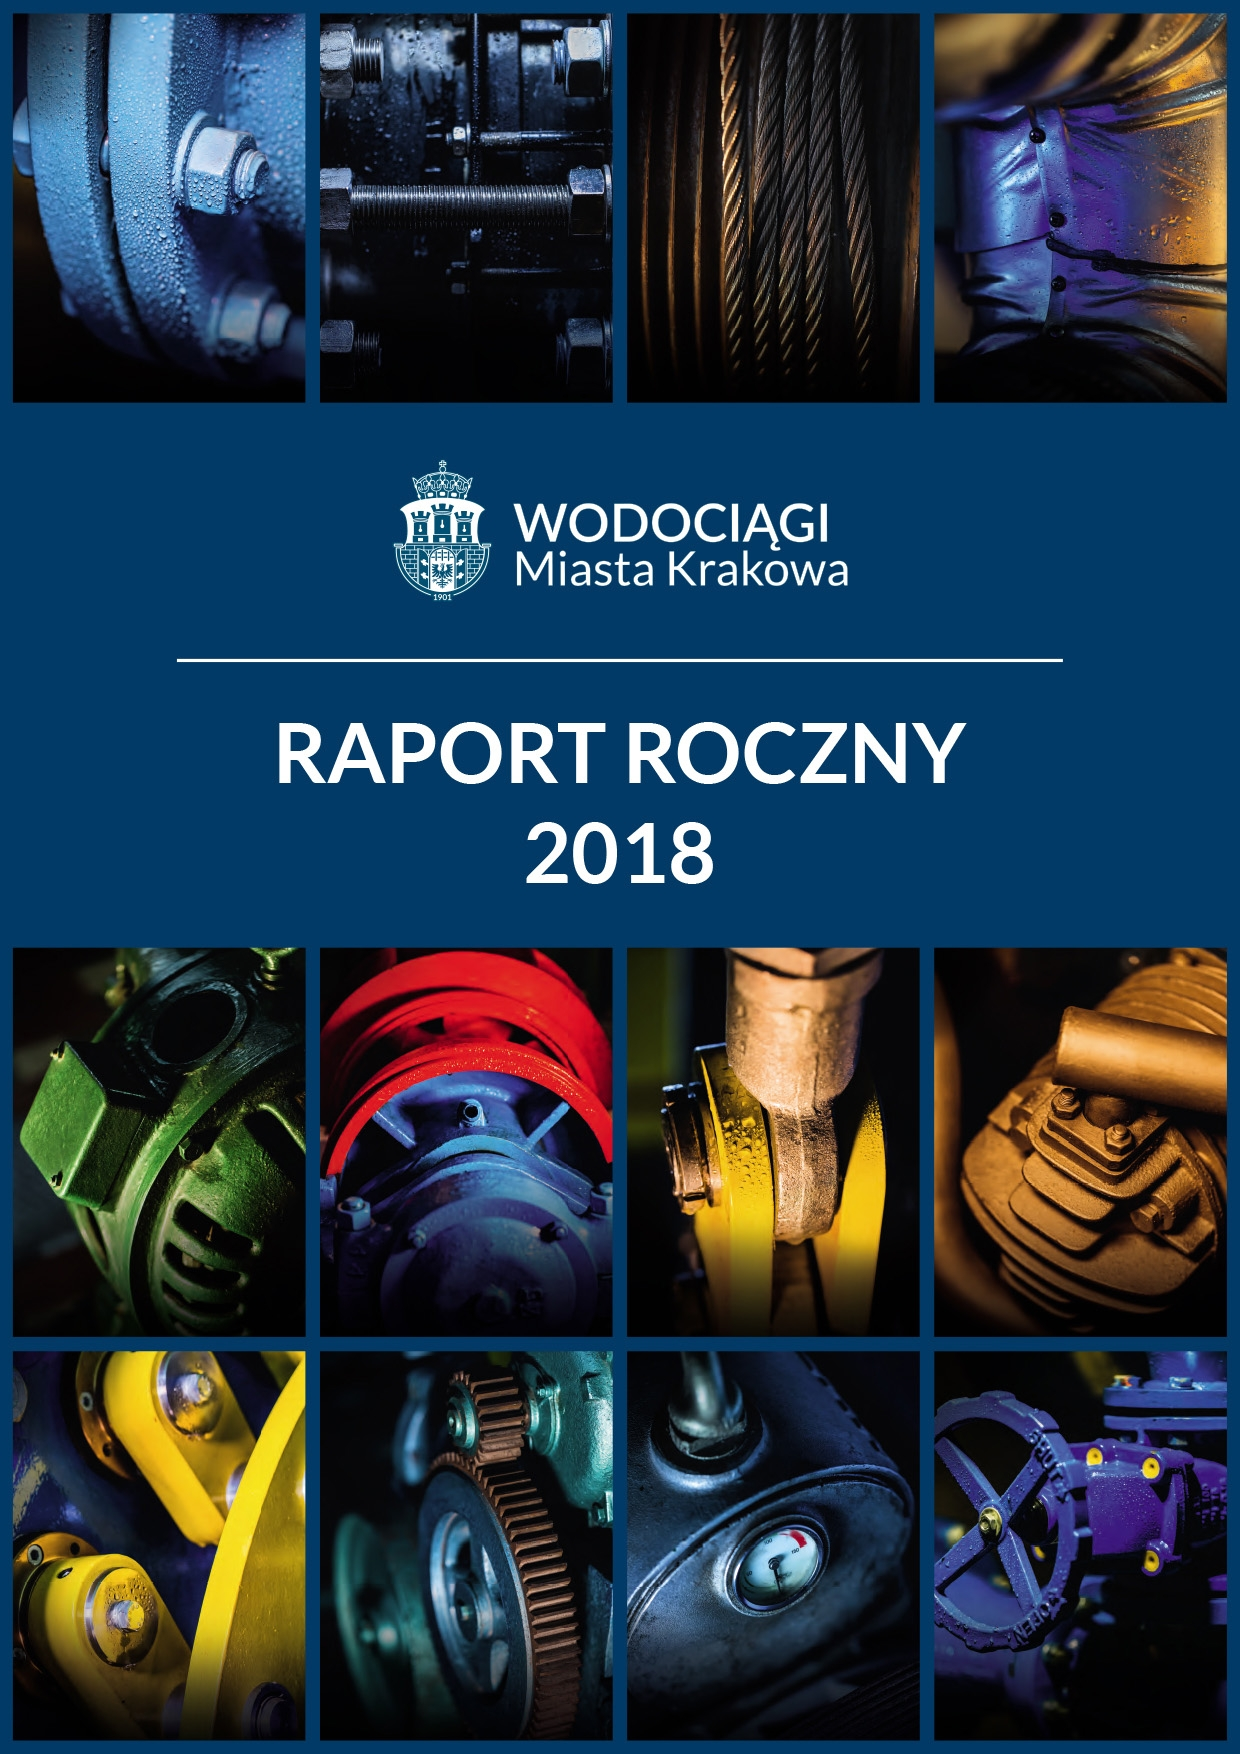 Tytuł: Zobacz raport - 2018 - poszczególne strony dostępne tylko po kliknieciu na link